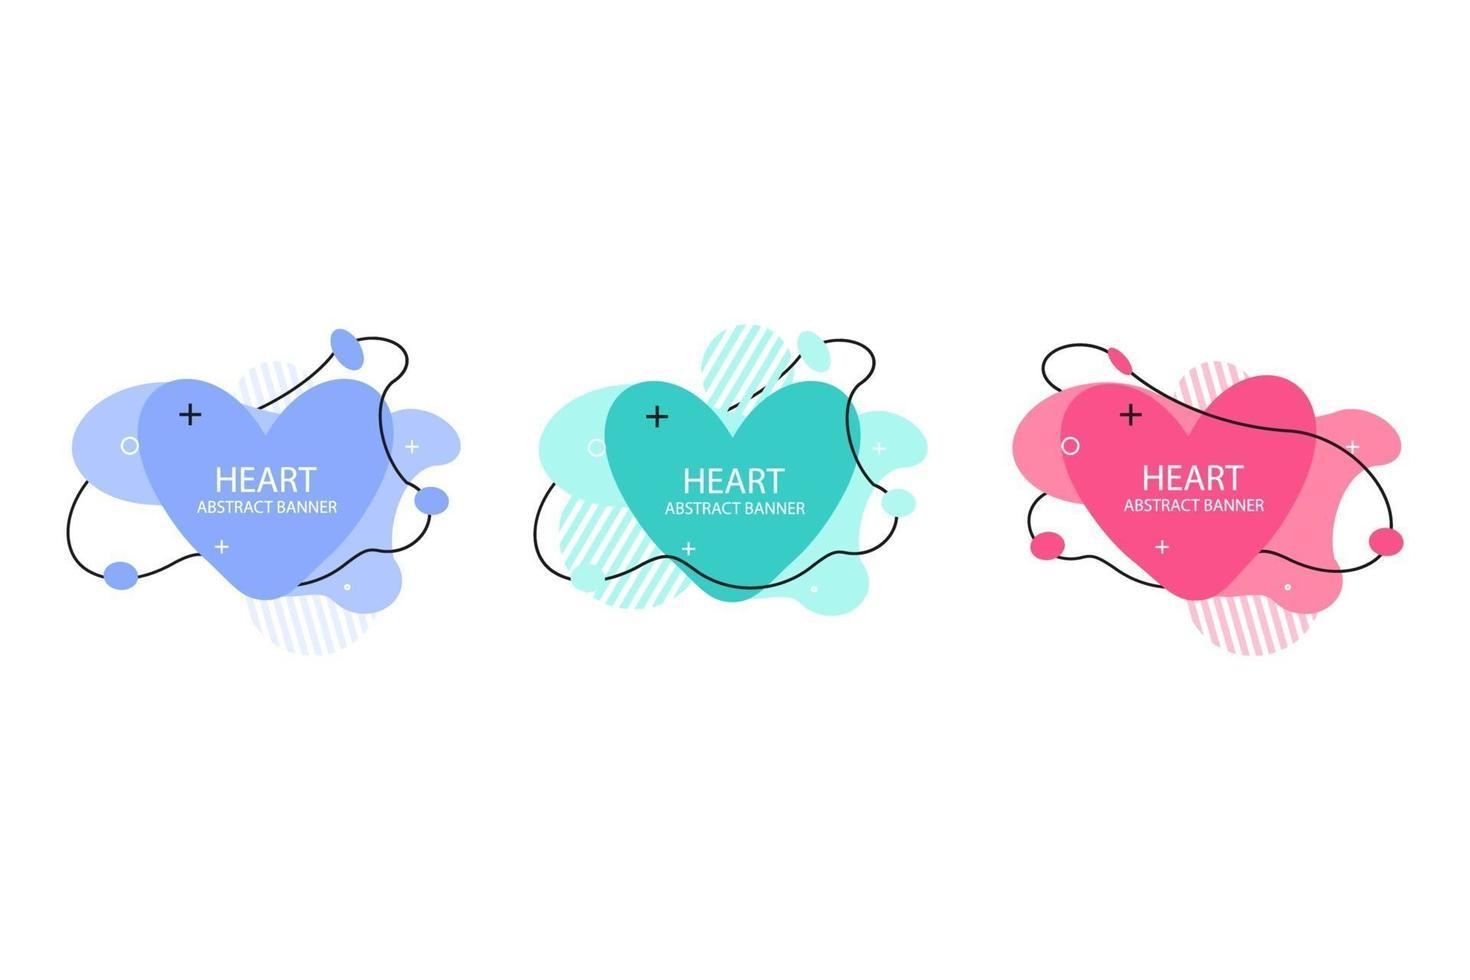 två hjärtans abstrakta banersamlingar. organiska eller flytande former med olika mjuka färger. användbar för webb, sociala medier, tryck, banner, bakgrund, bakgrundsmall. Alla hjärtans dag firande vektor